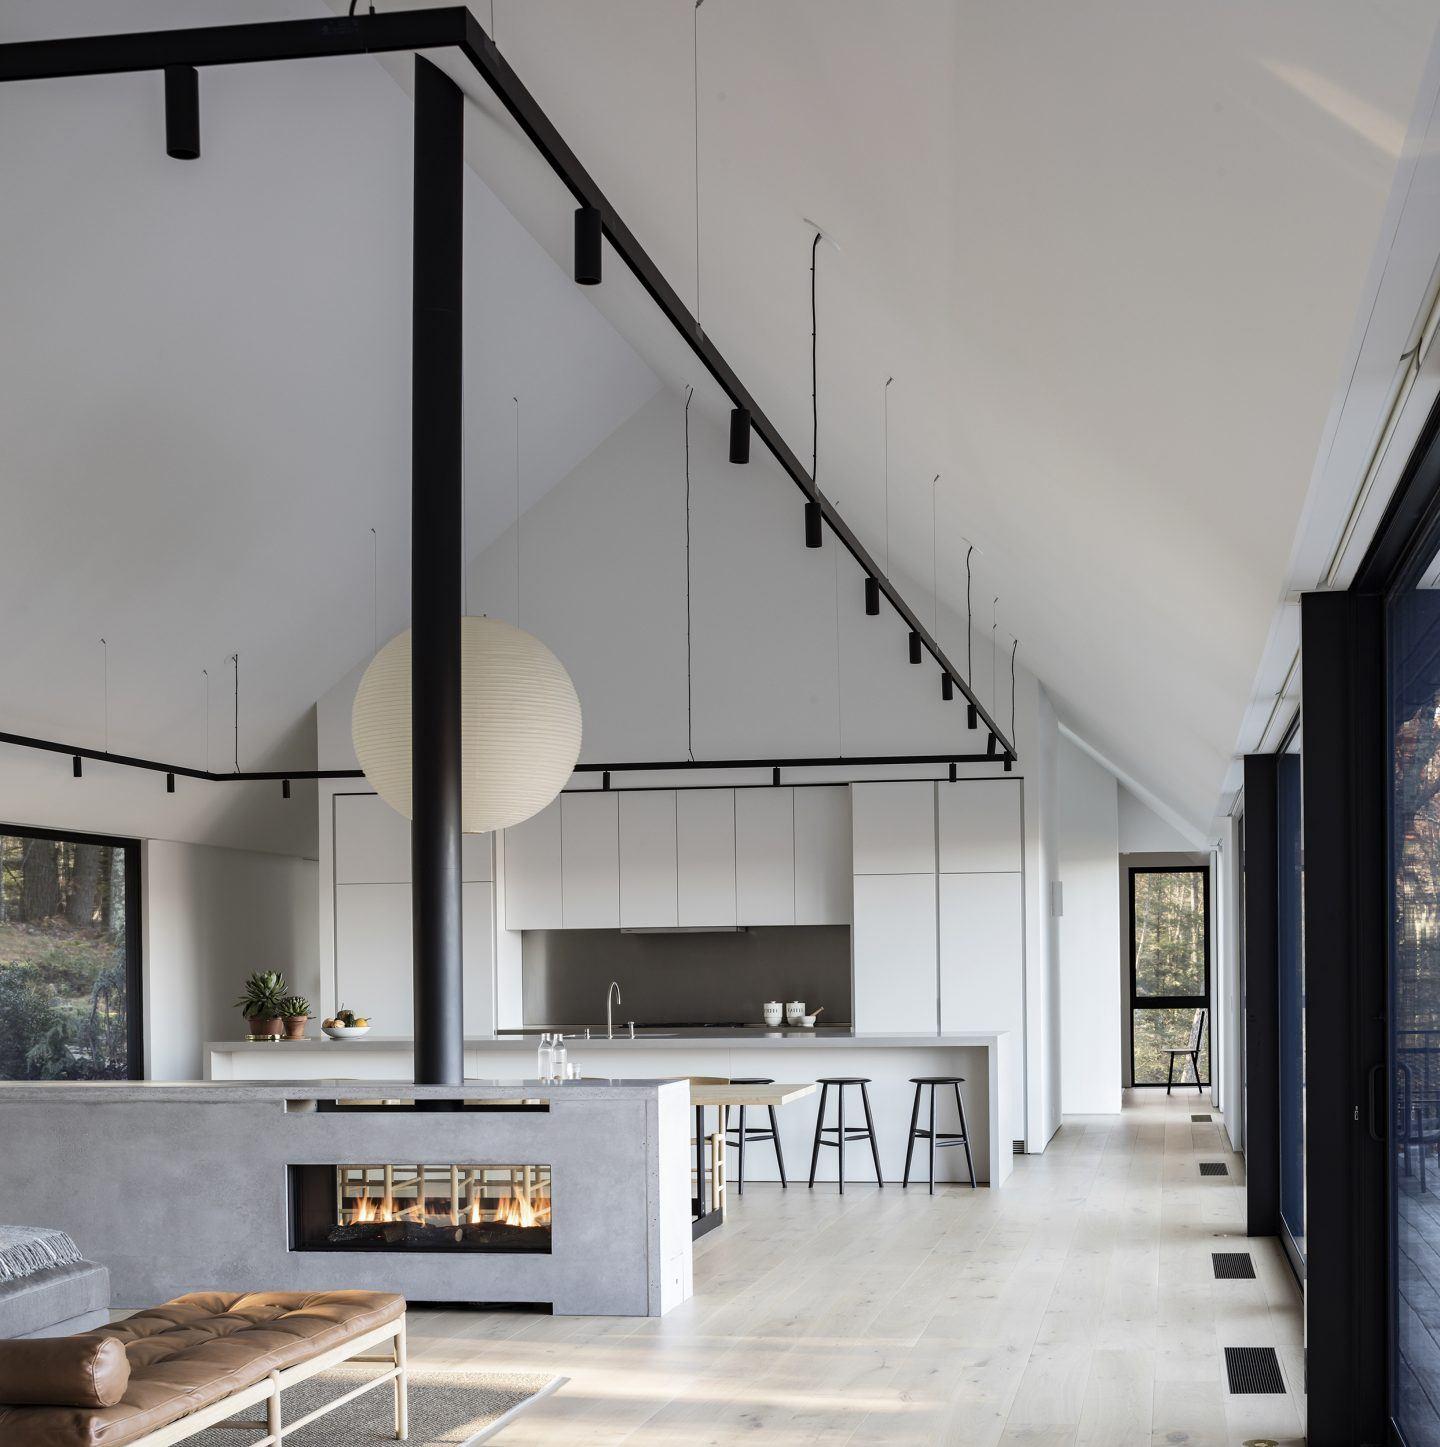 IGNANT-Architecture-LedgeHouse-16